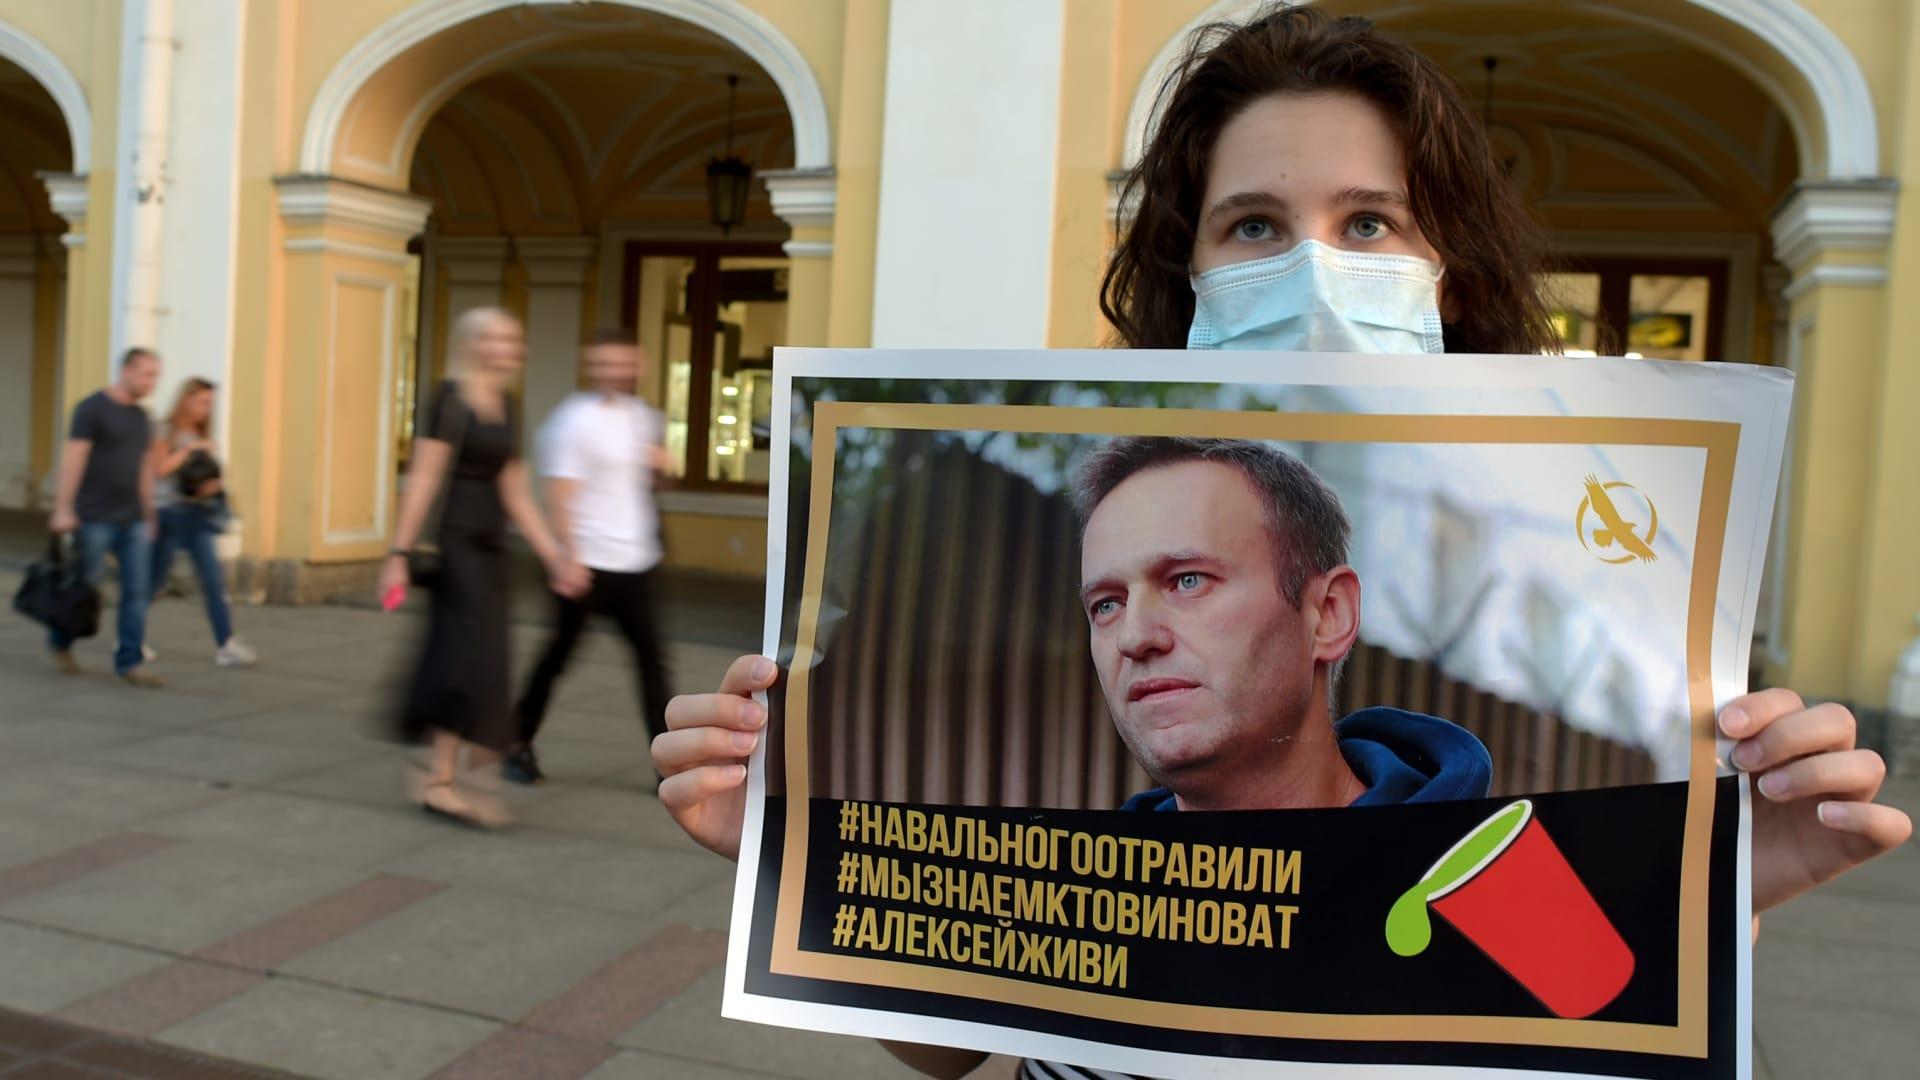 نقل زعيم المعارضة الروسية أليكسي نافالني للعلاج في برلين